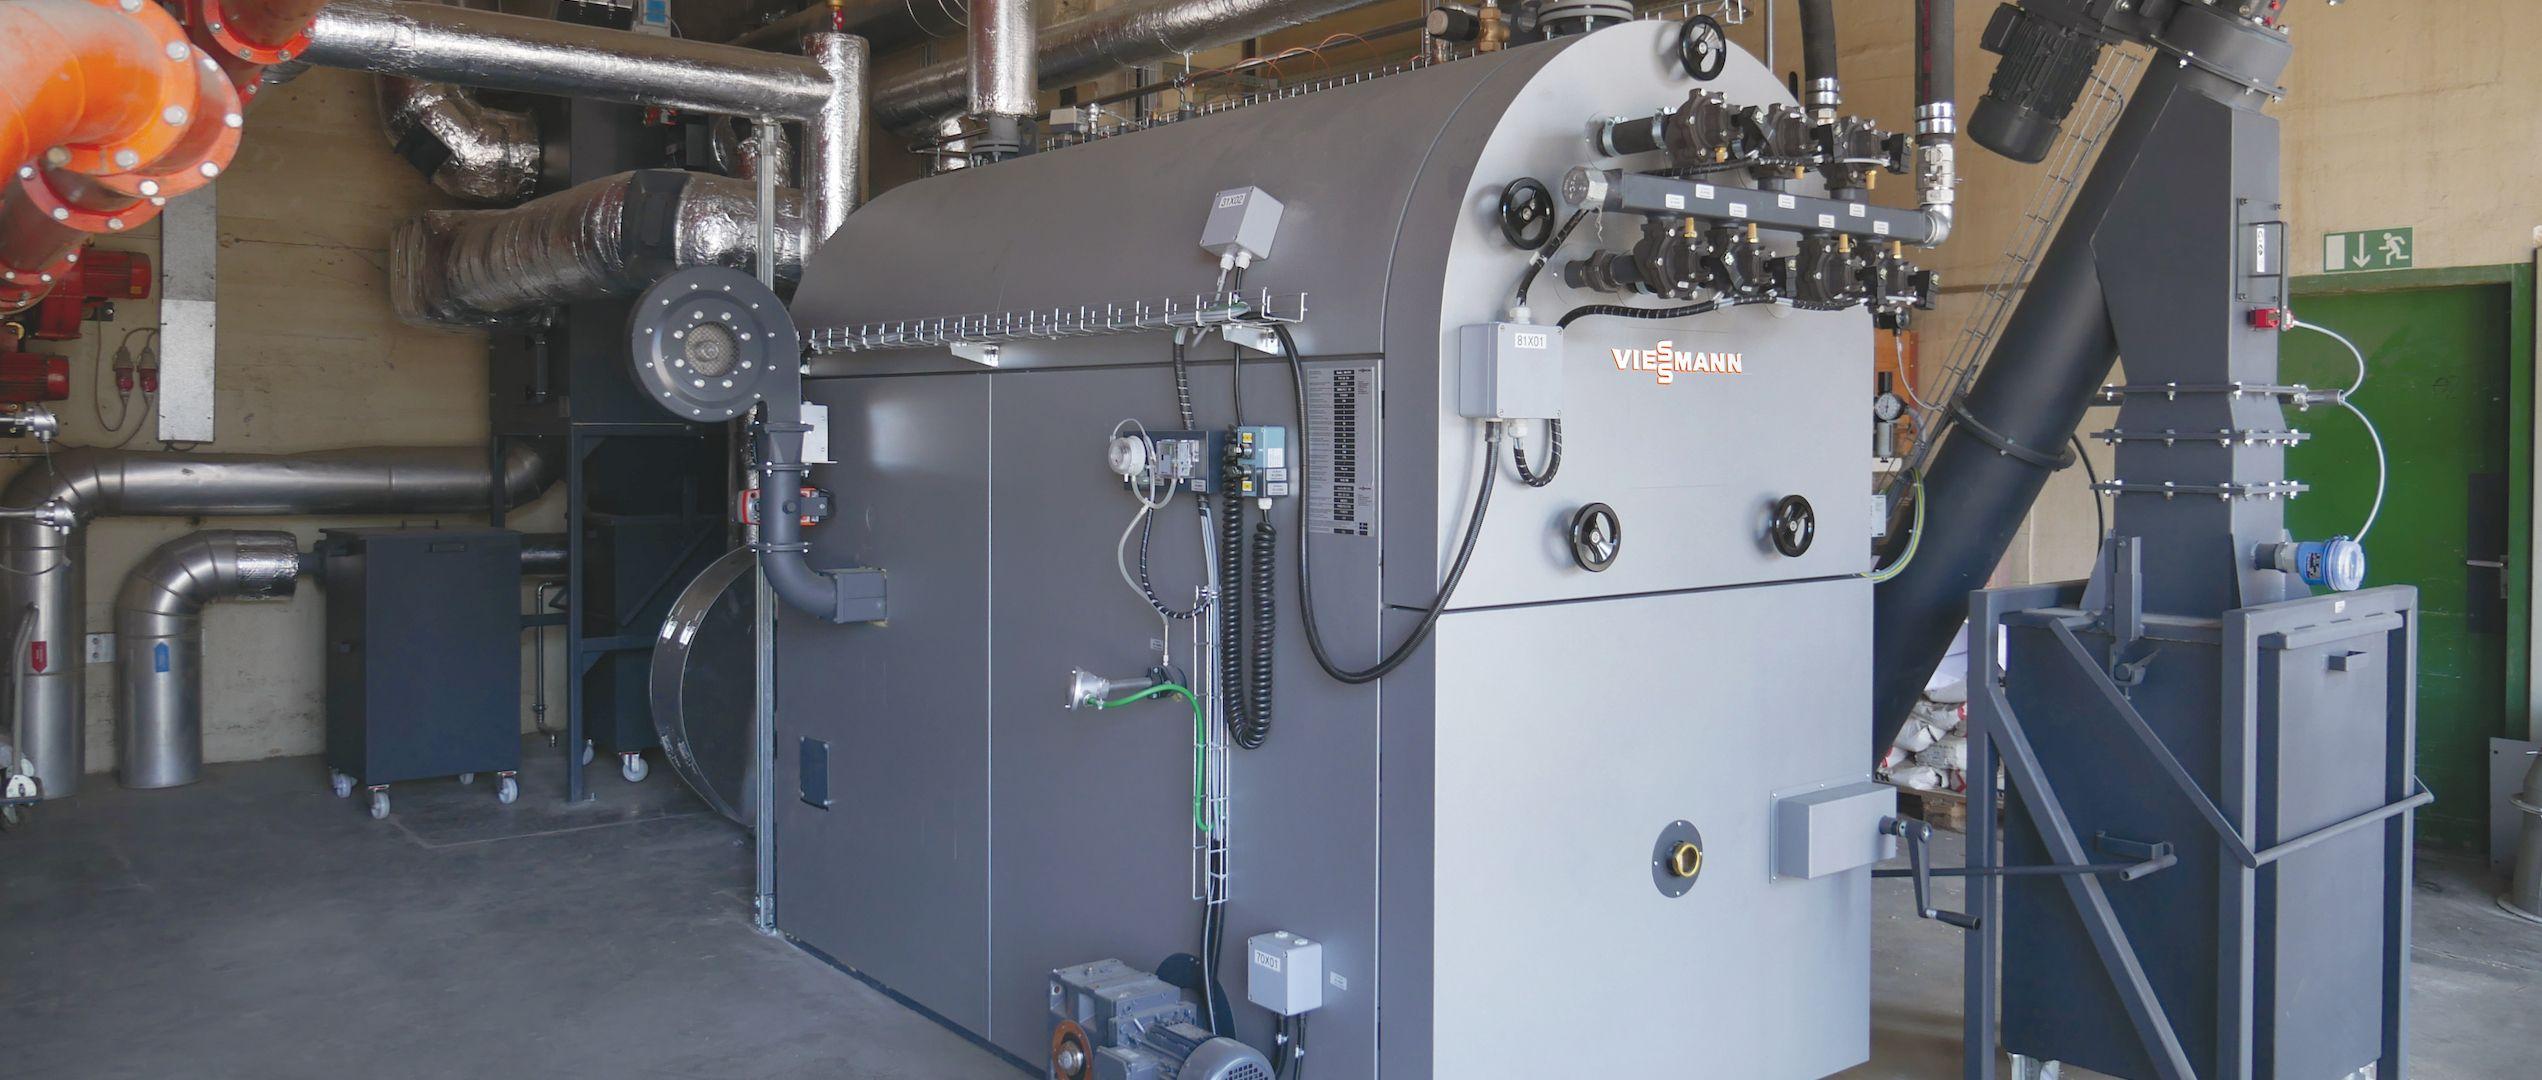 Cogenerazione-a-biomassa-compressor